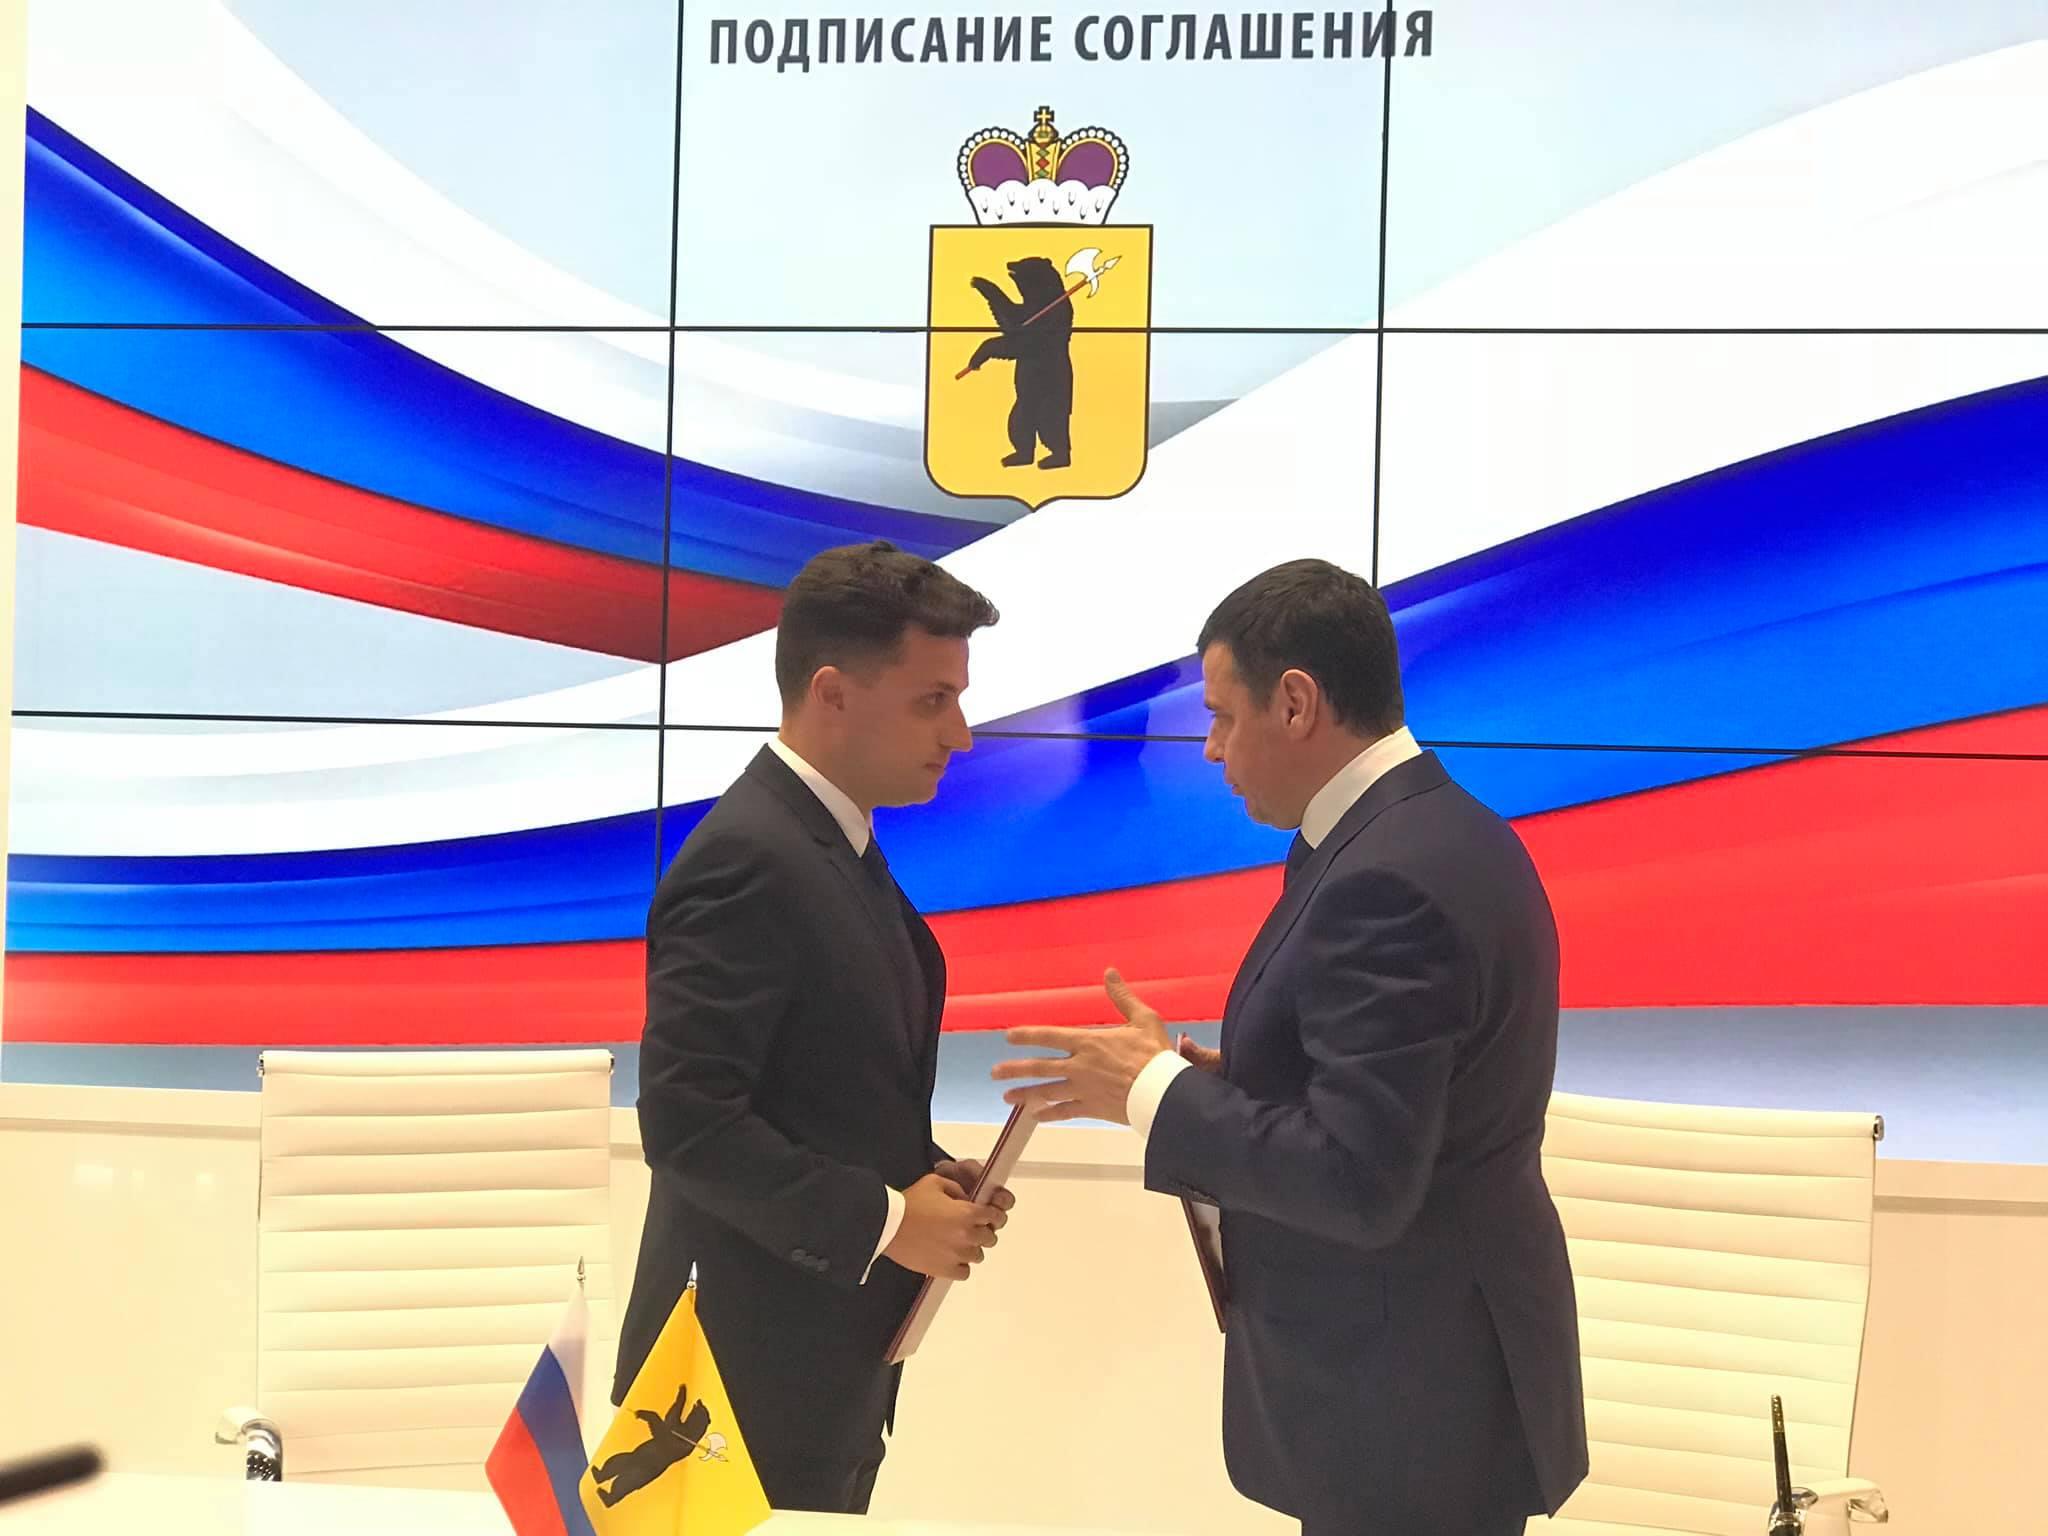 Андрей Медведев: я благодарен Дмитрию Юрьевичу с точки зрения взаимодействия бизнеса и власти